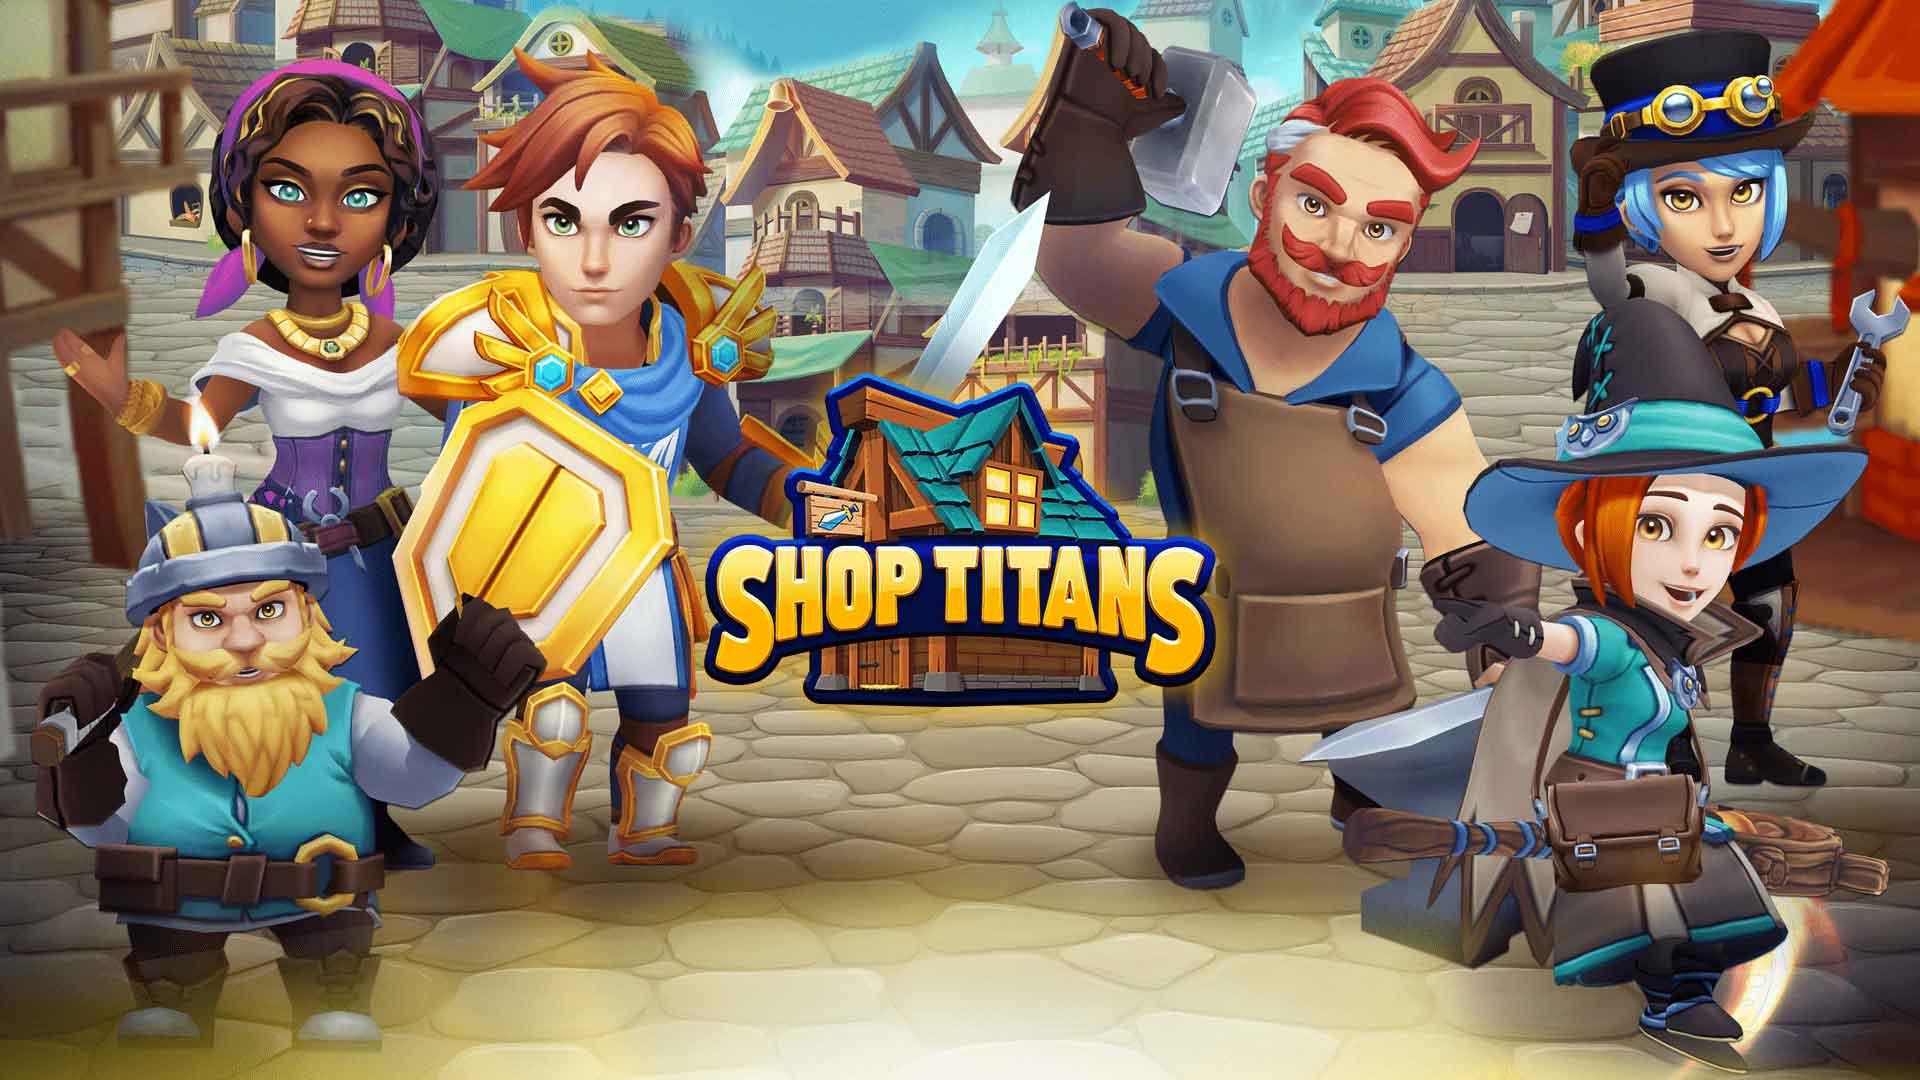 Shop Titans, Una Recensione Da 7 12 - Hynerd.it